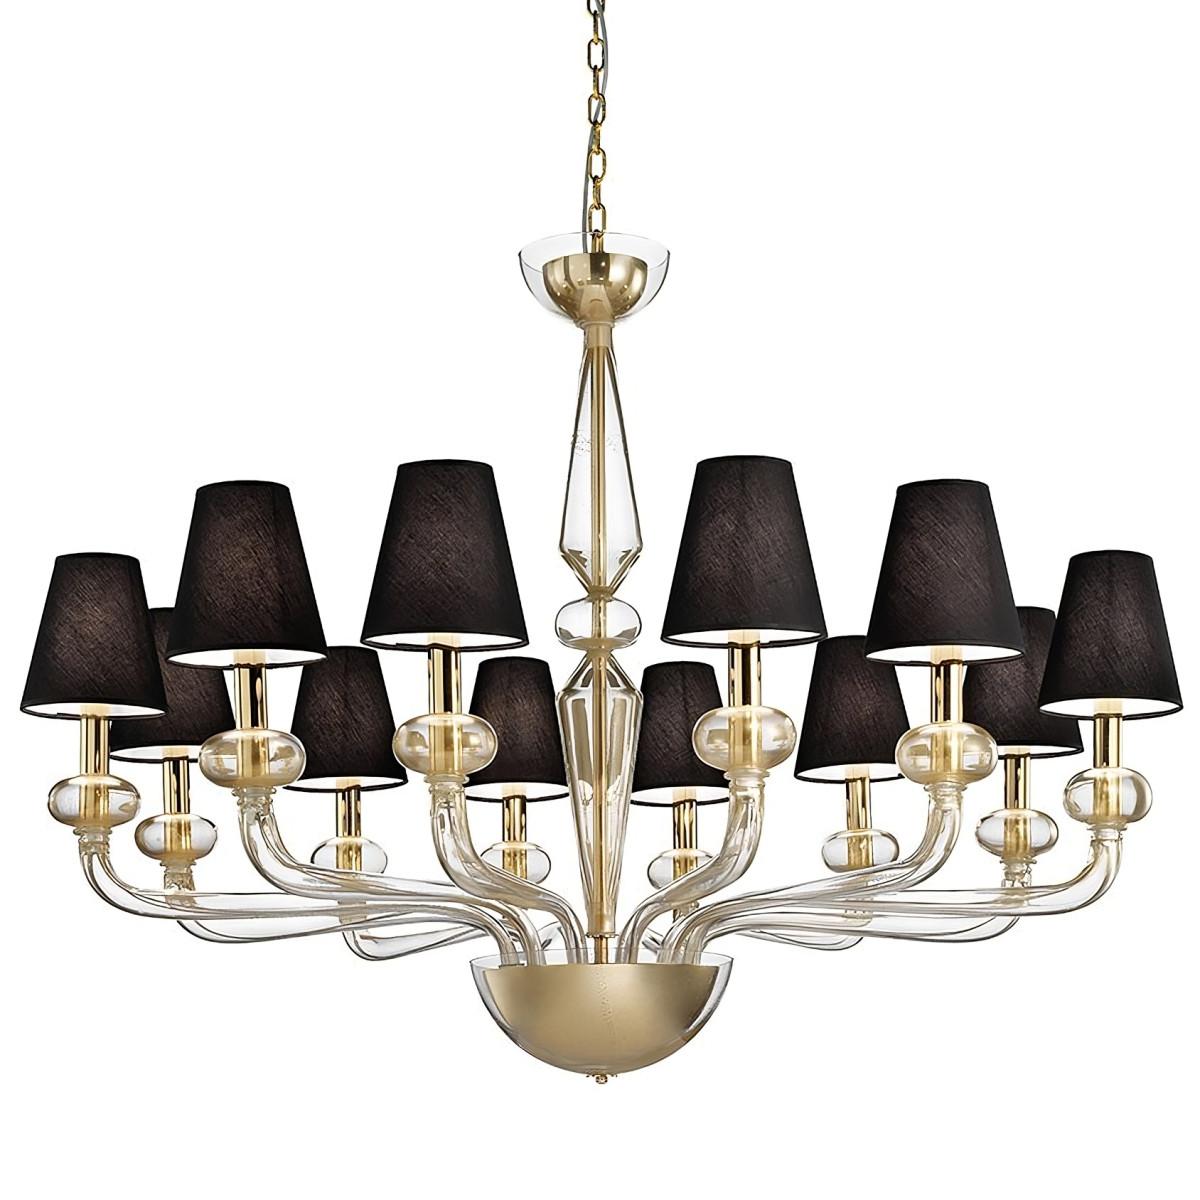 """""""Caligola"""" lampara de araña de Murano - 12 luces, oro"""